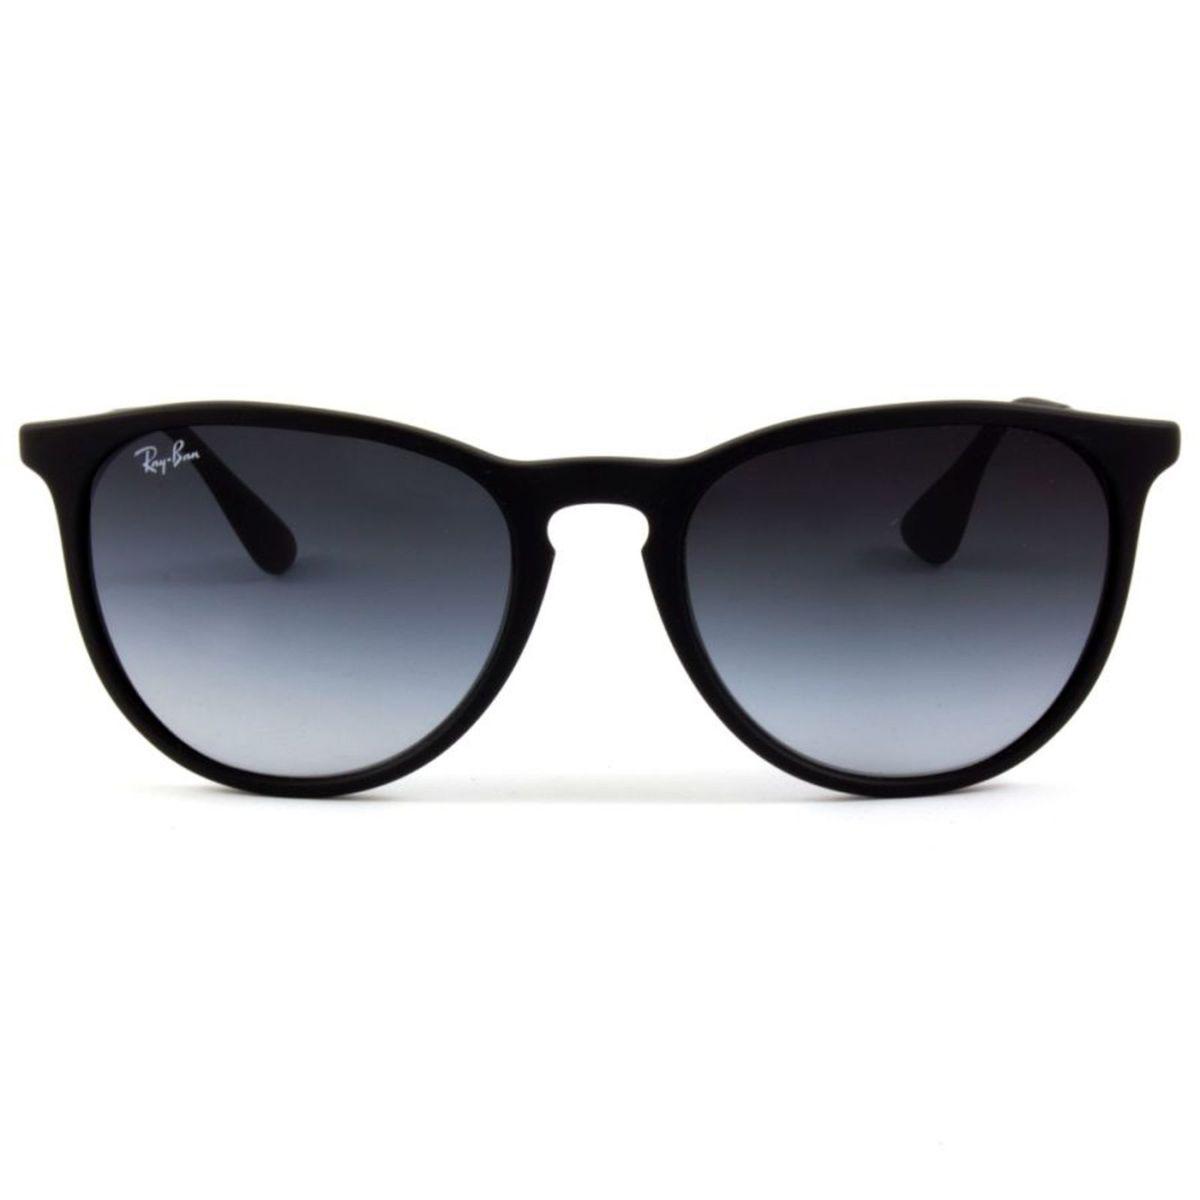 bcebe48c4 Óculos de Sol Ray Ban Erika Rb4171 Lentes Degradê Polarizado | Óculos  Feminino Ray Ban Nunca Usado 22826988 | enjoei